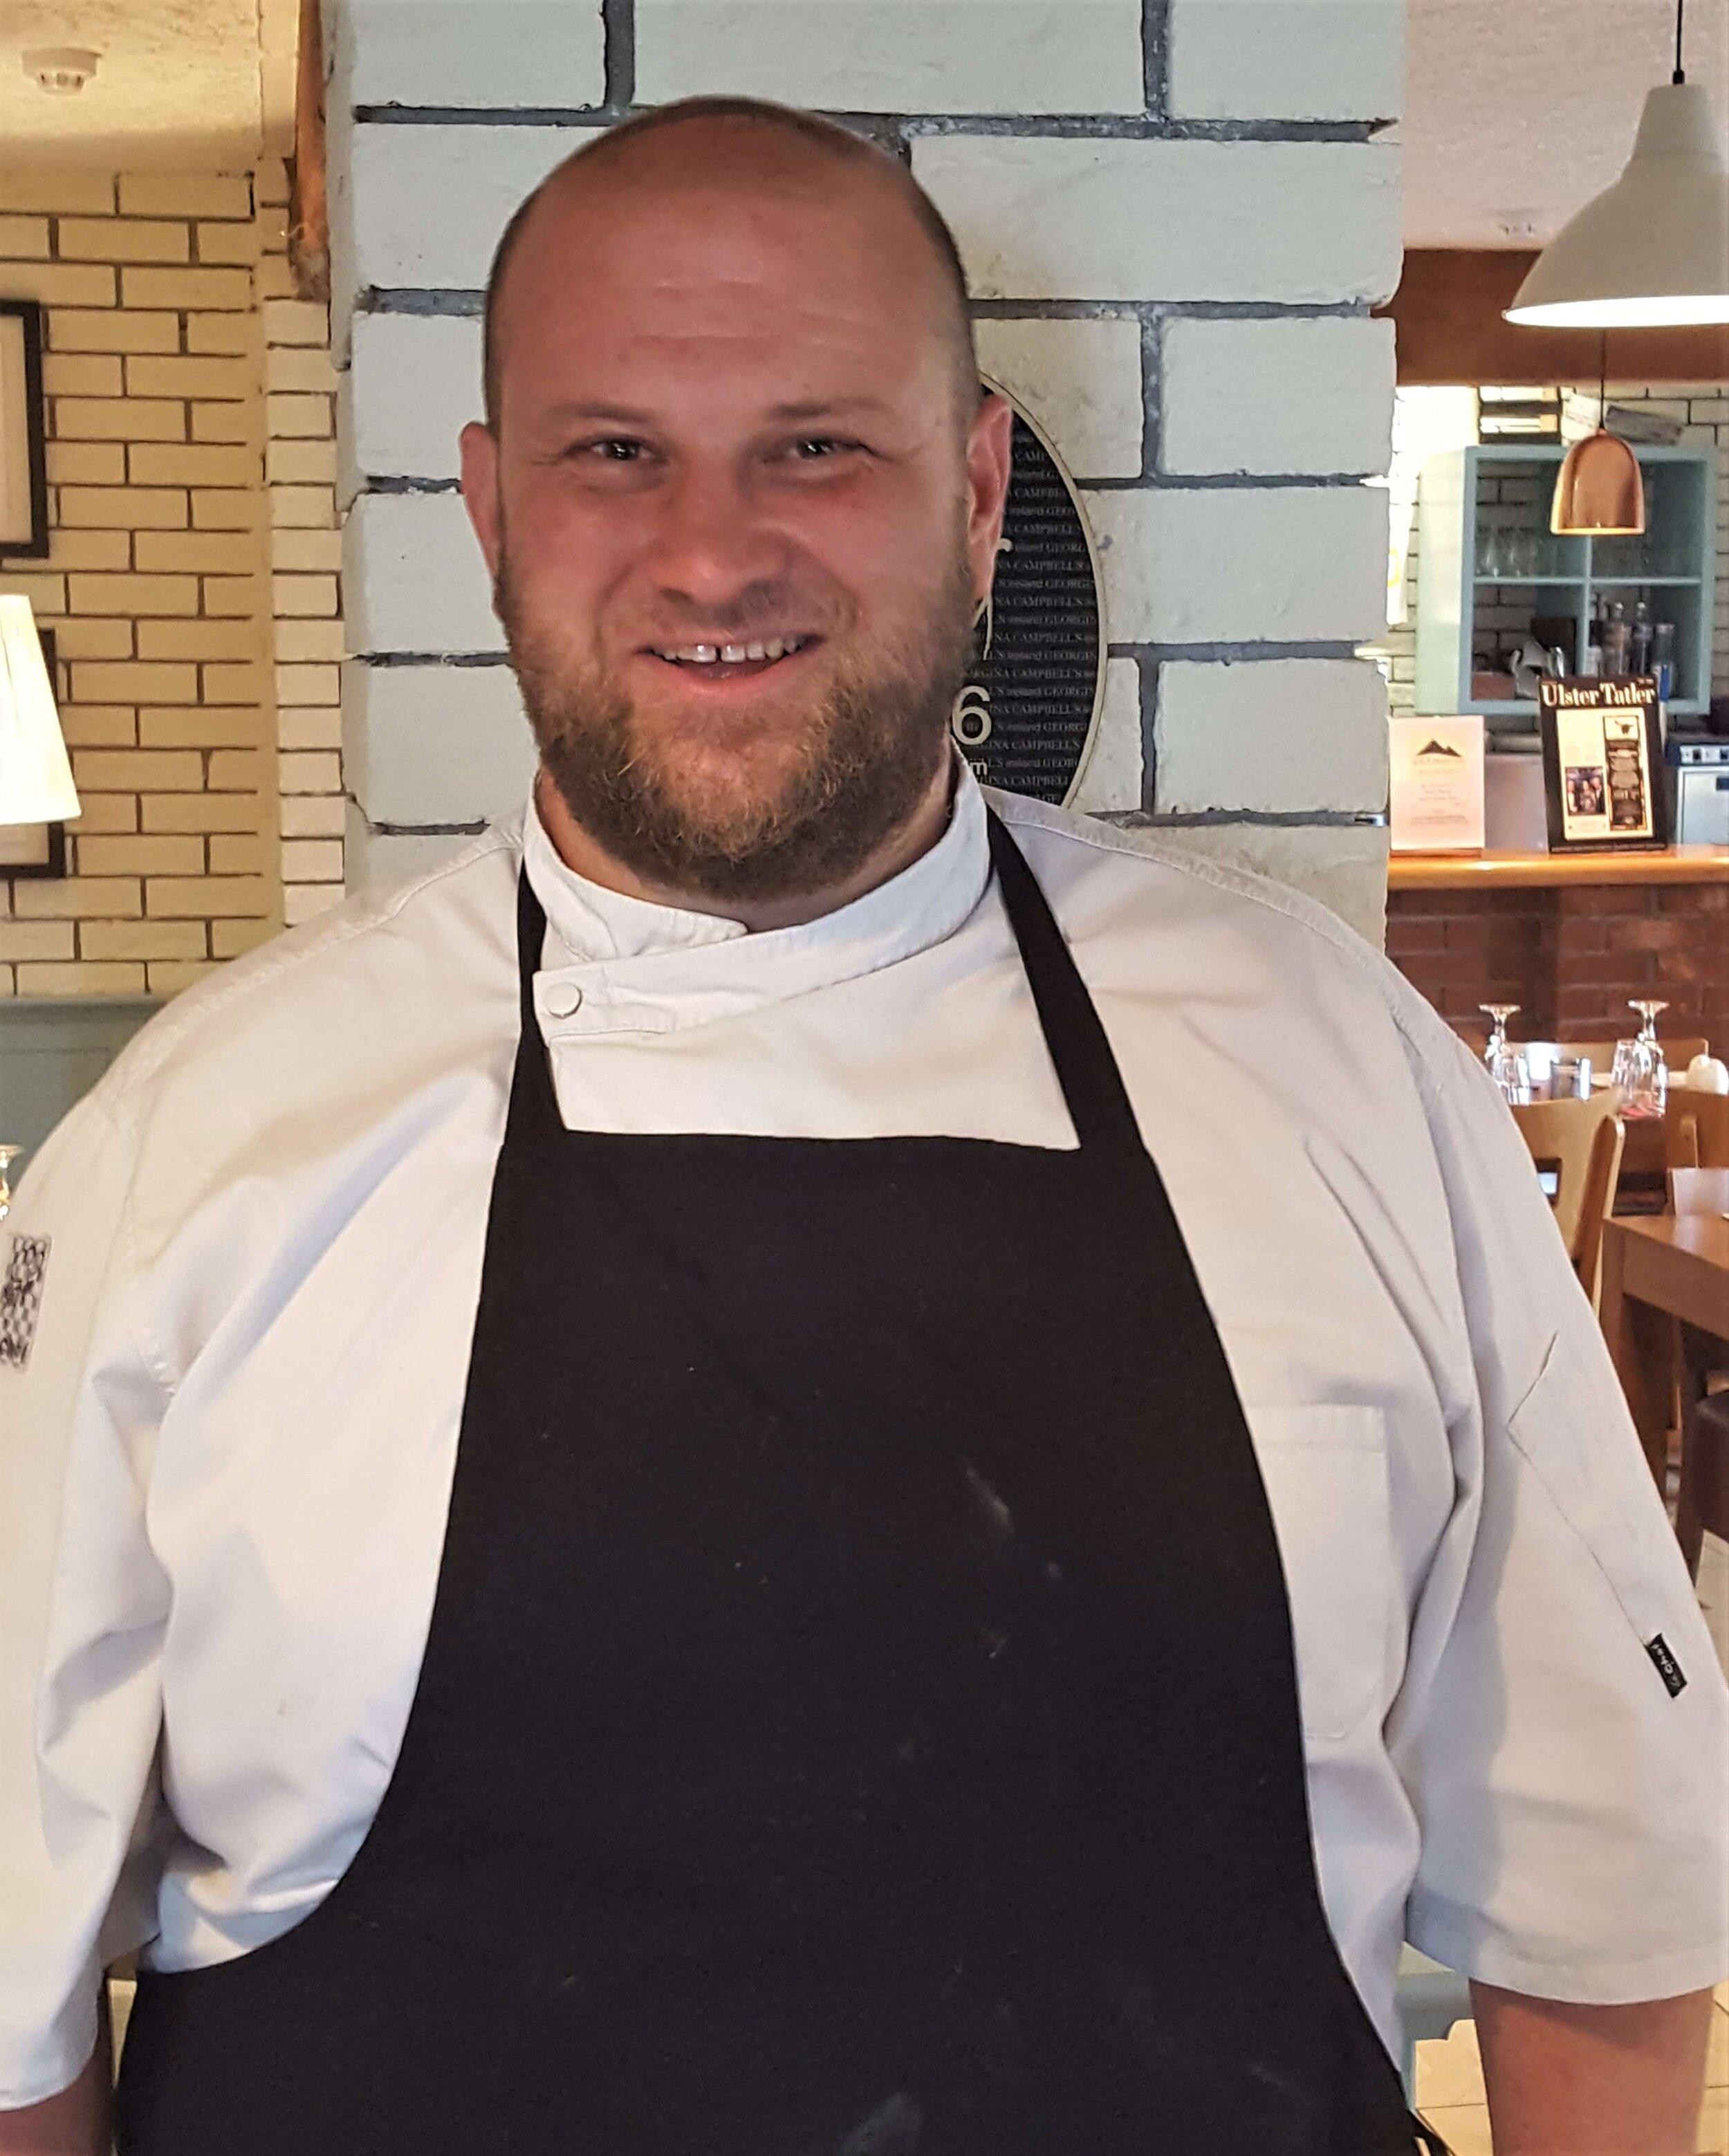 Les - Head Chef